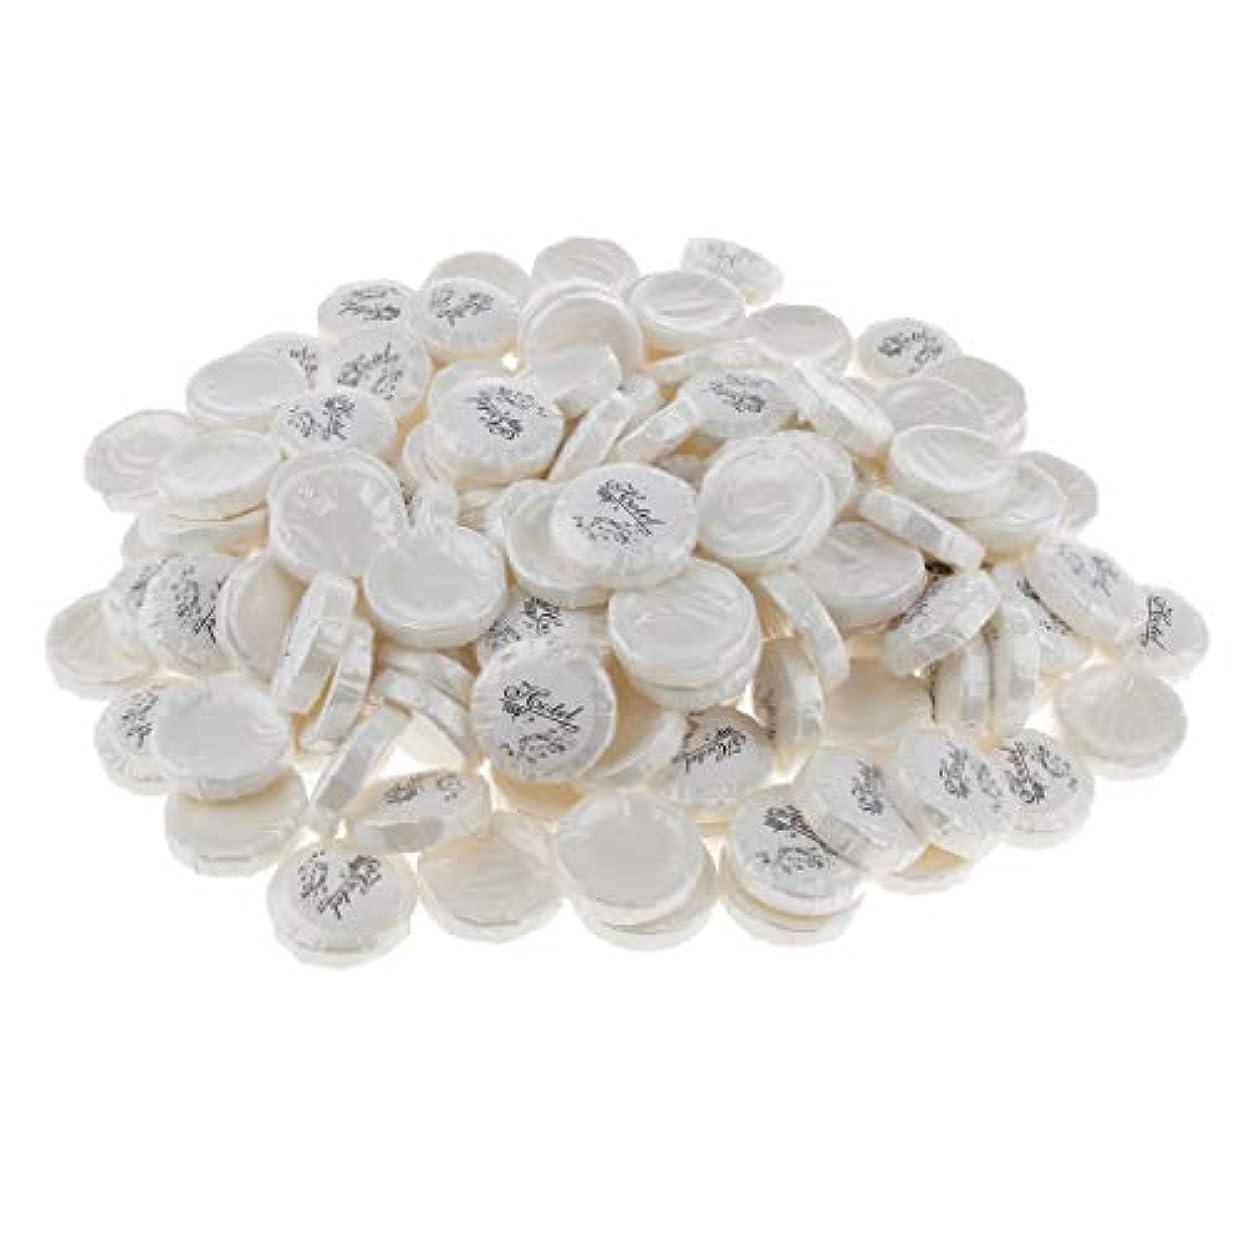 Hellery 石鹸 無添加 洗顔石鹸 植物油 軽い香り 清潔 リフレッシュ ミニサイズ 携帯 旅行用 約150個 - 9g